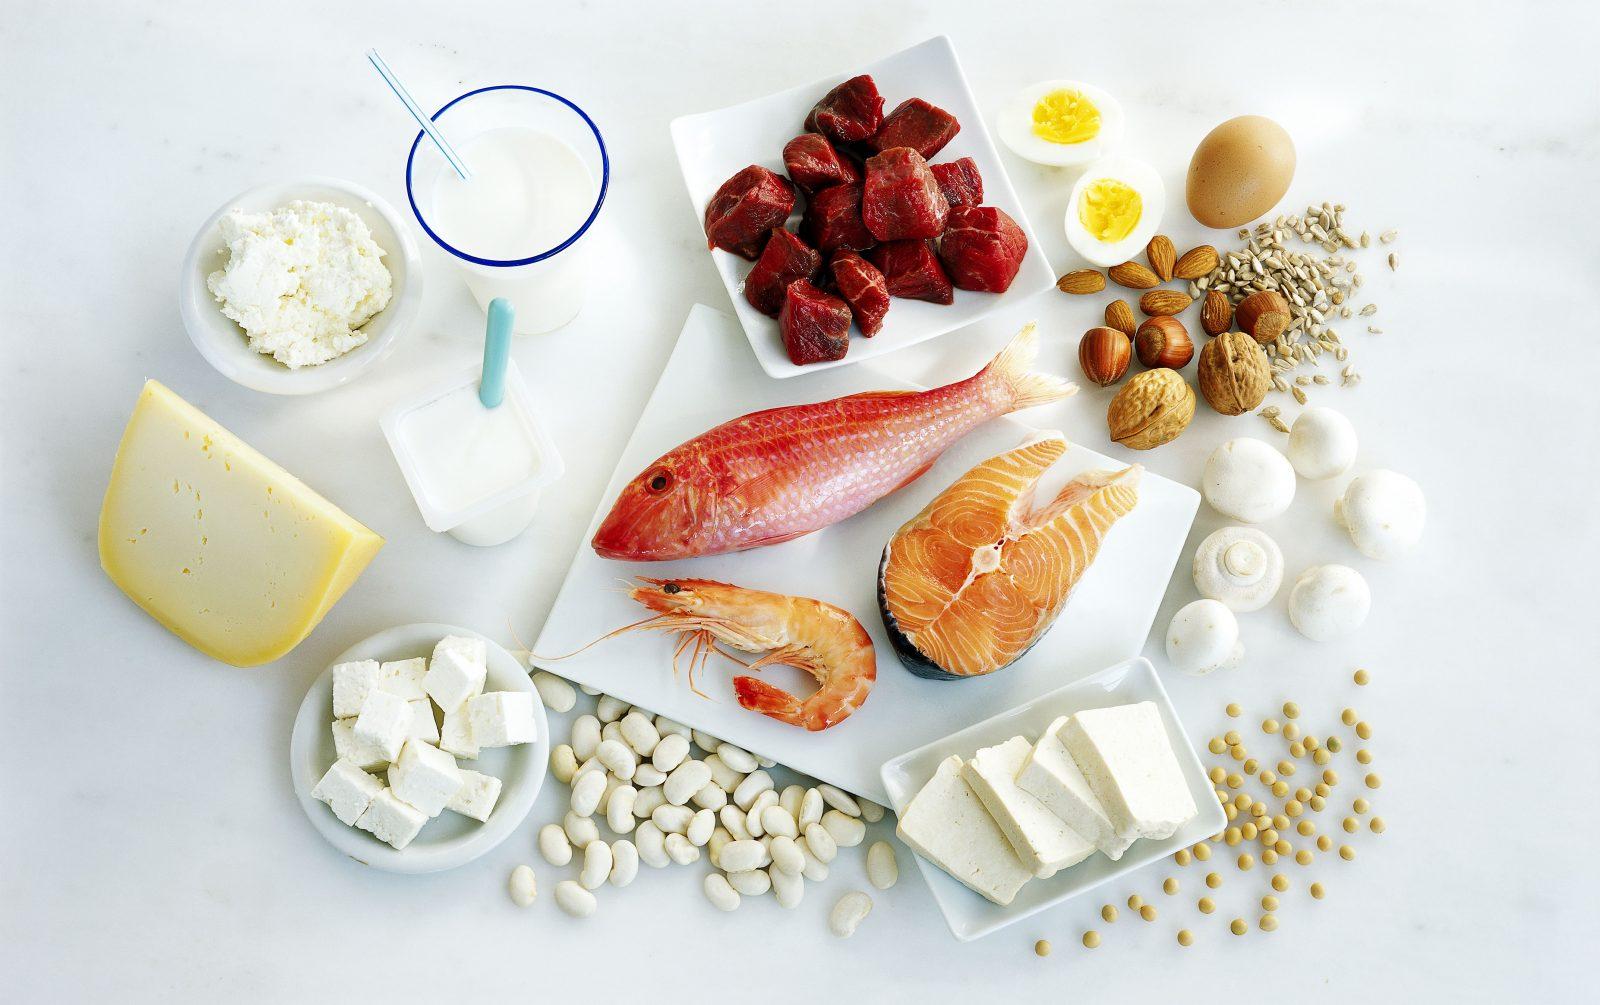 Творог, фасоль, мясо, рыба, морепродукты, яйца, орехи